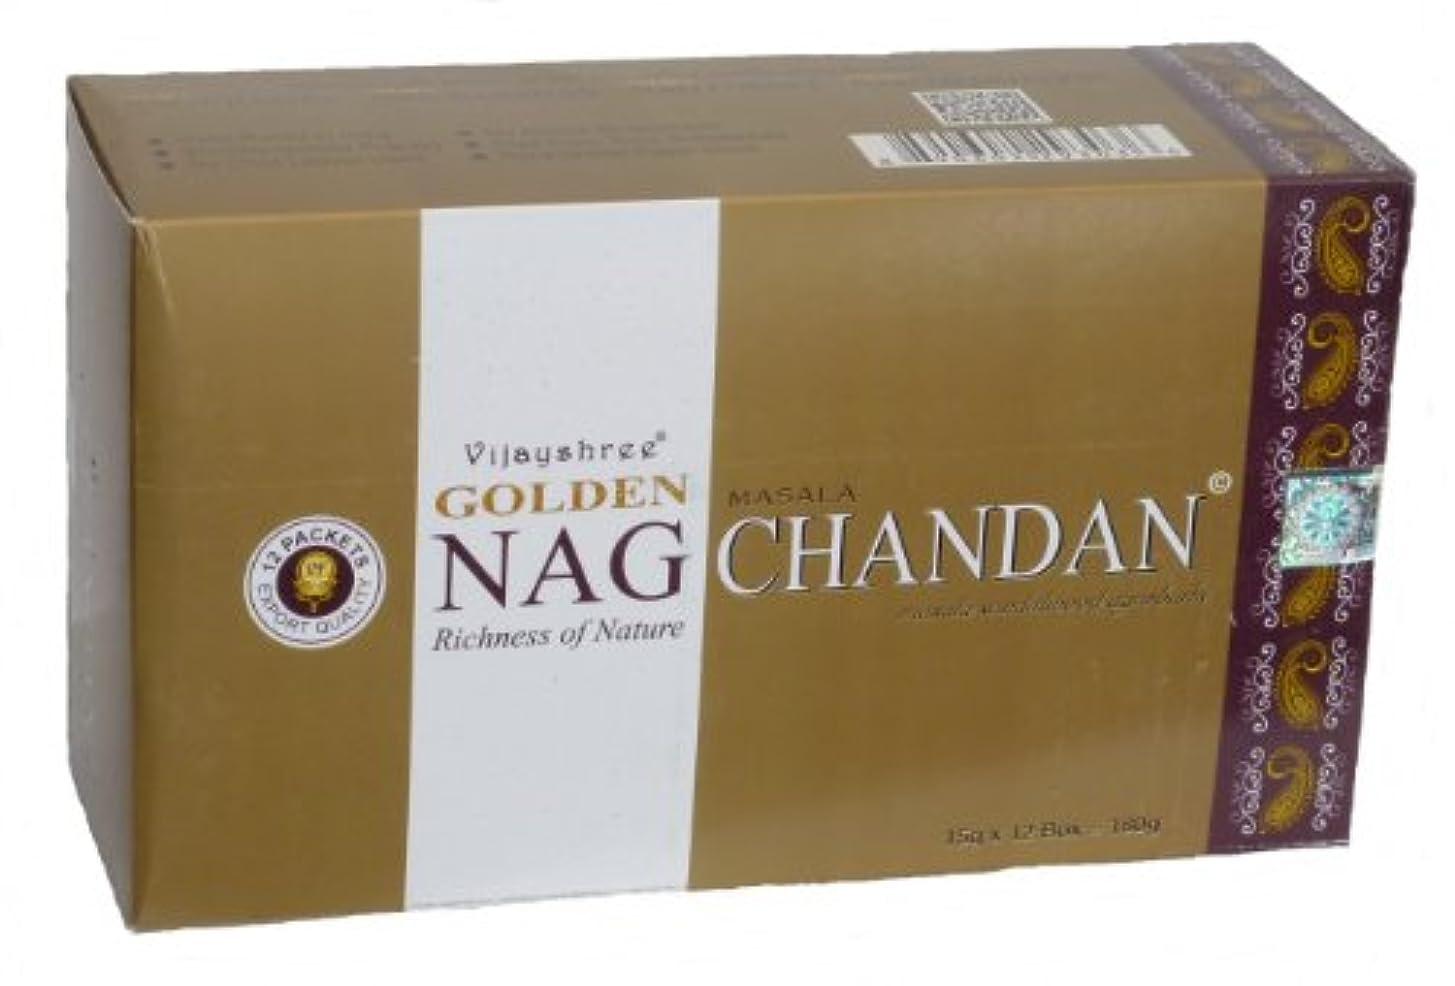 横たわるメナジェリーインスタント180 gms Box of GOLDEN NAG CHANDAN Masala Agarbathi Incense Sticks - in stock and shipped by Busy Bits by Golden...